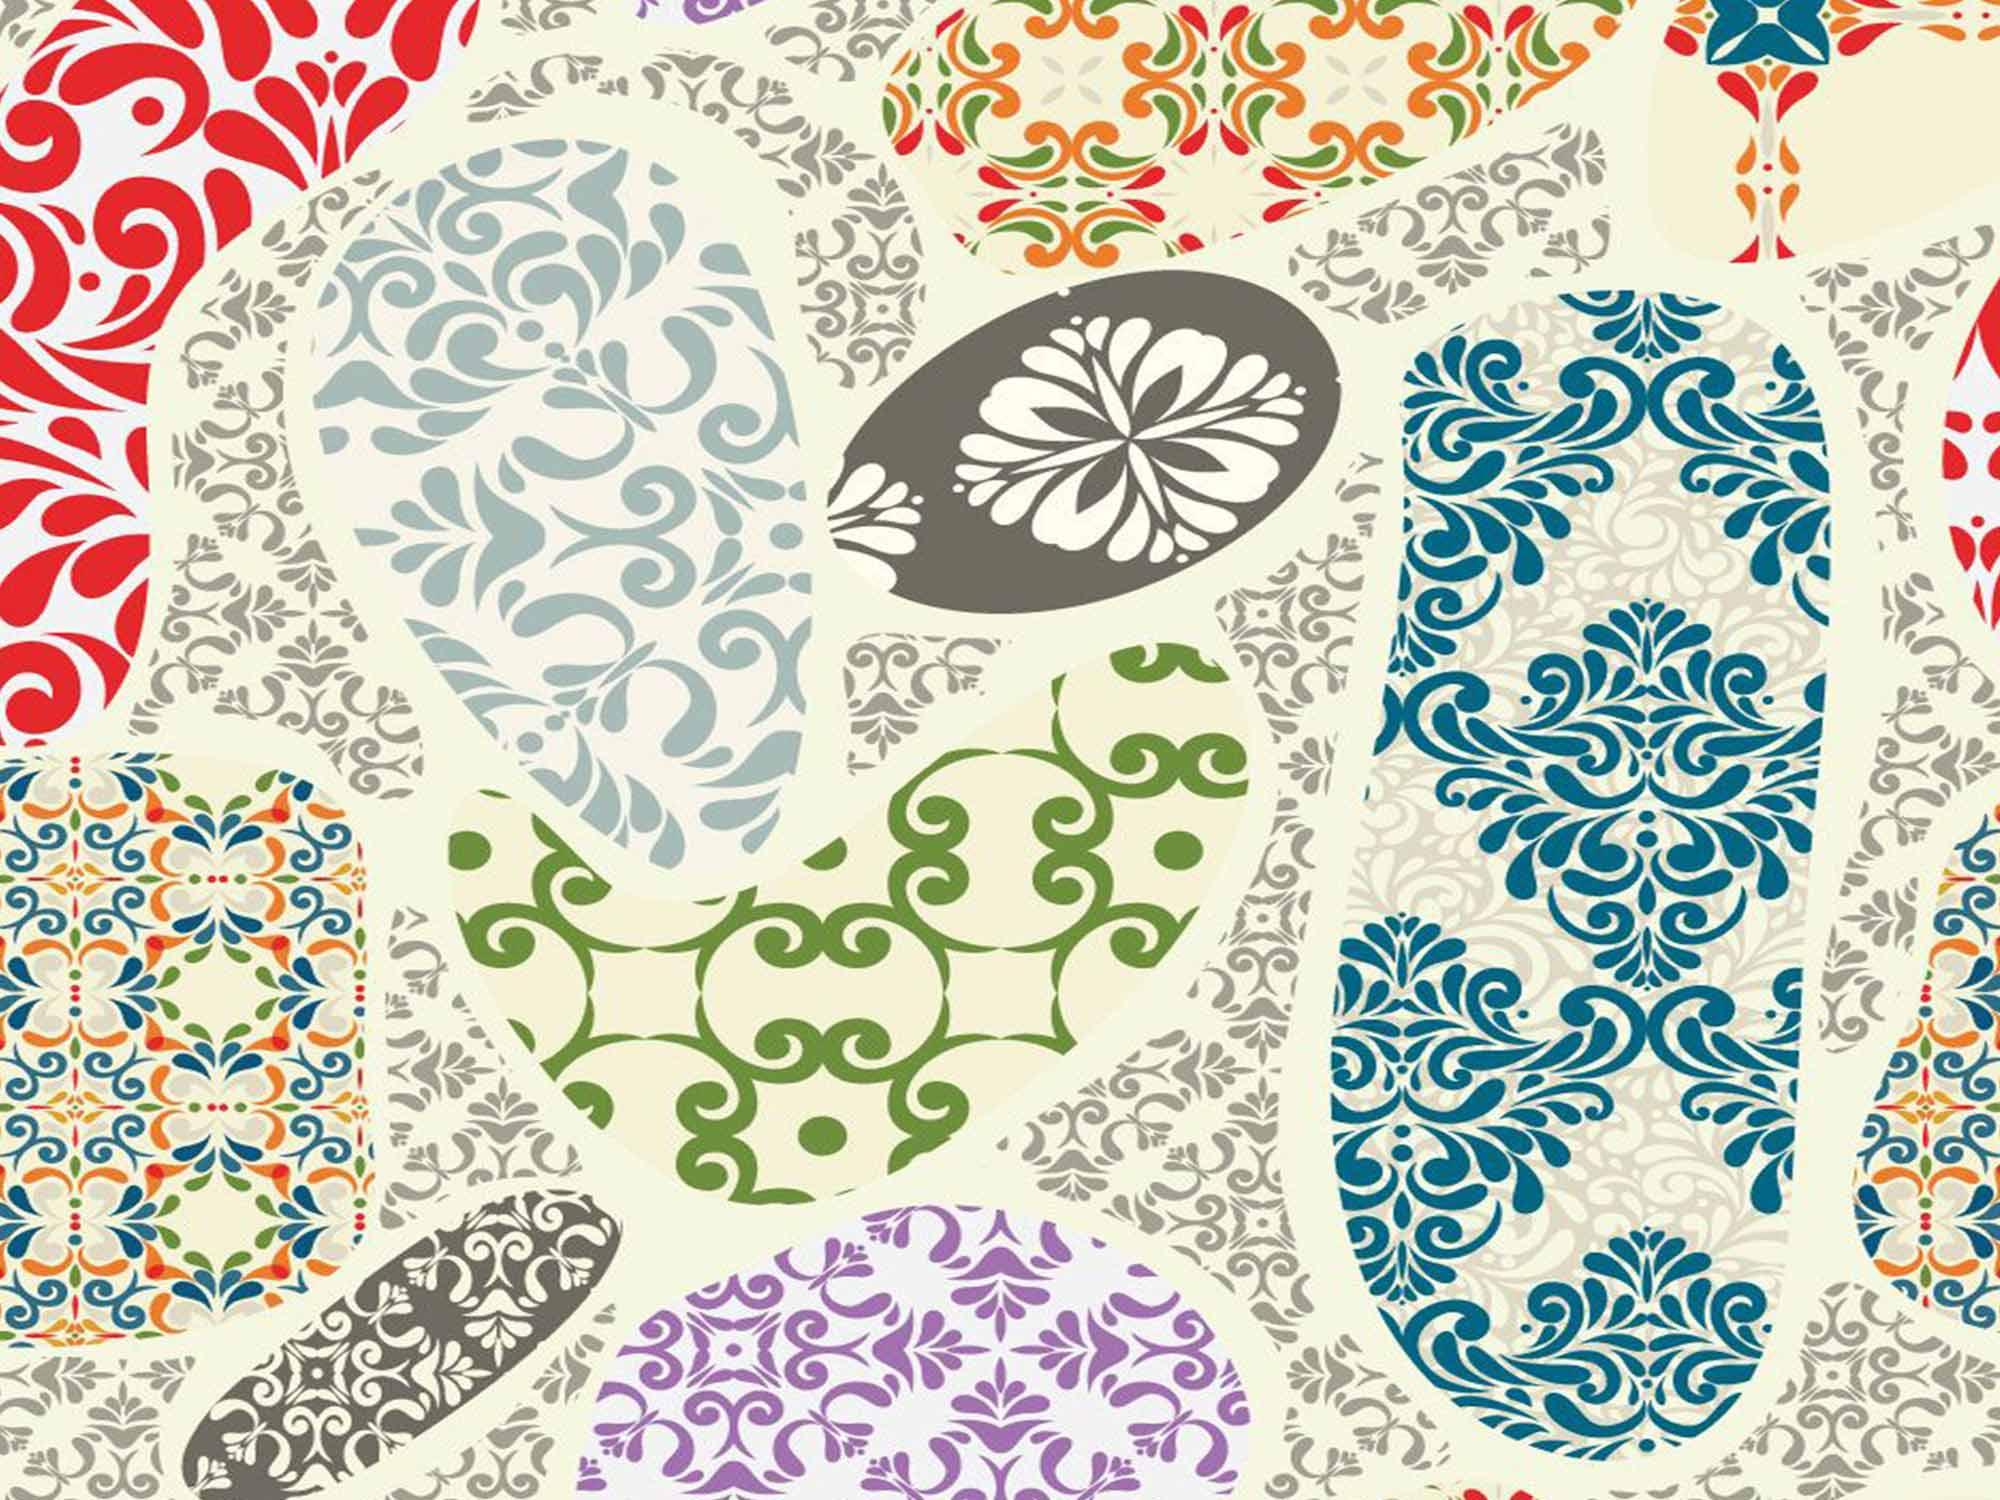 Papel de Parede para Cozinha Azulejos 0032 - Adesivos de Parede  - Paredes Decoradas